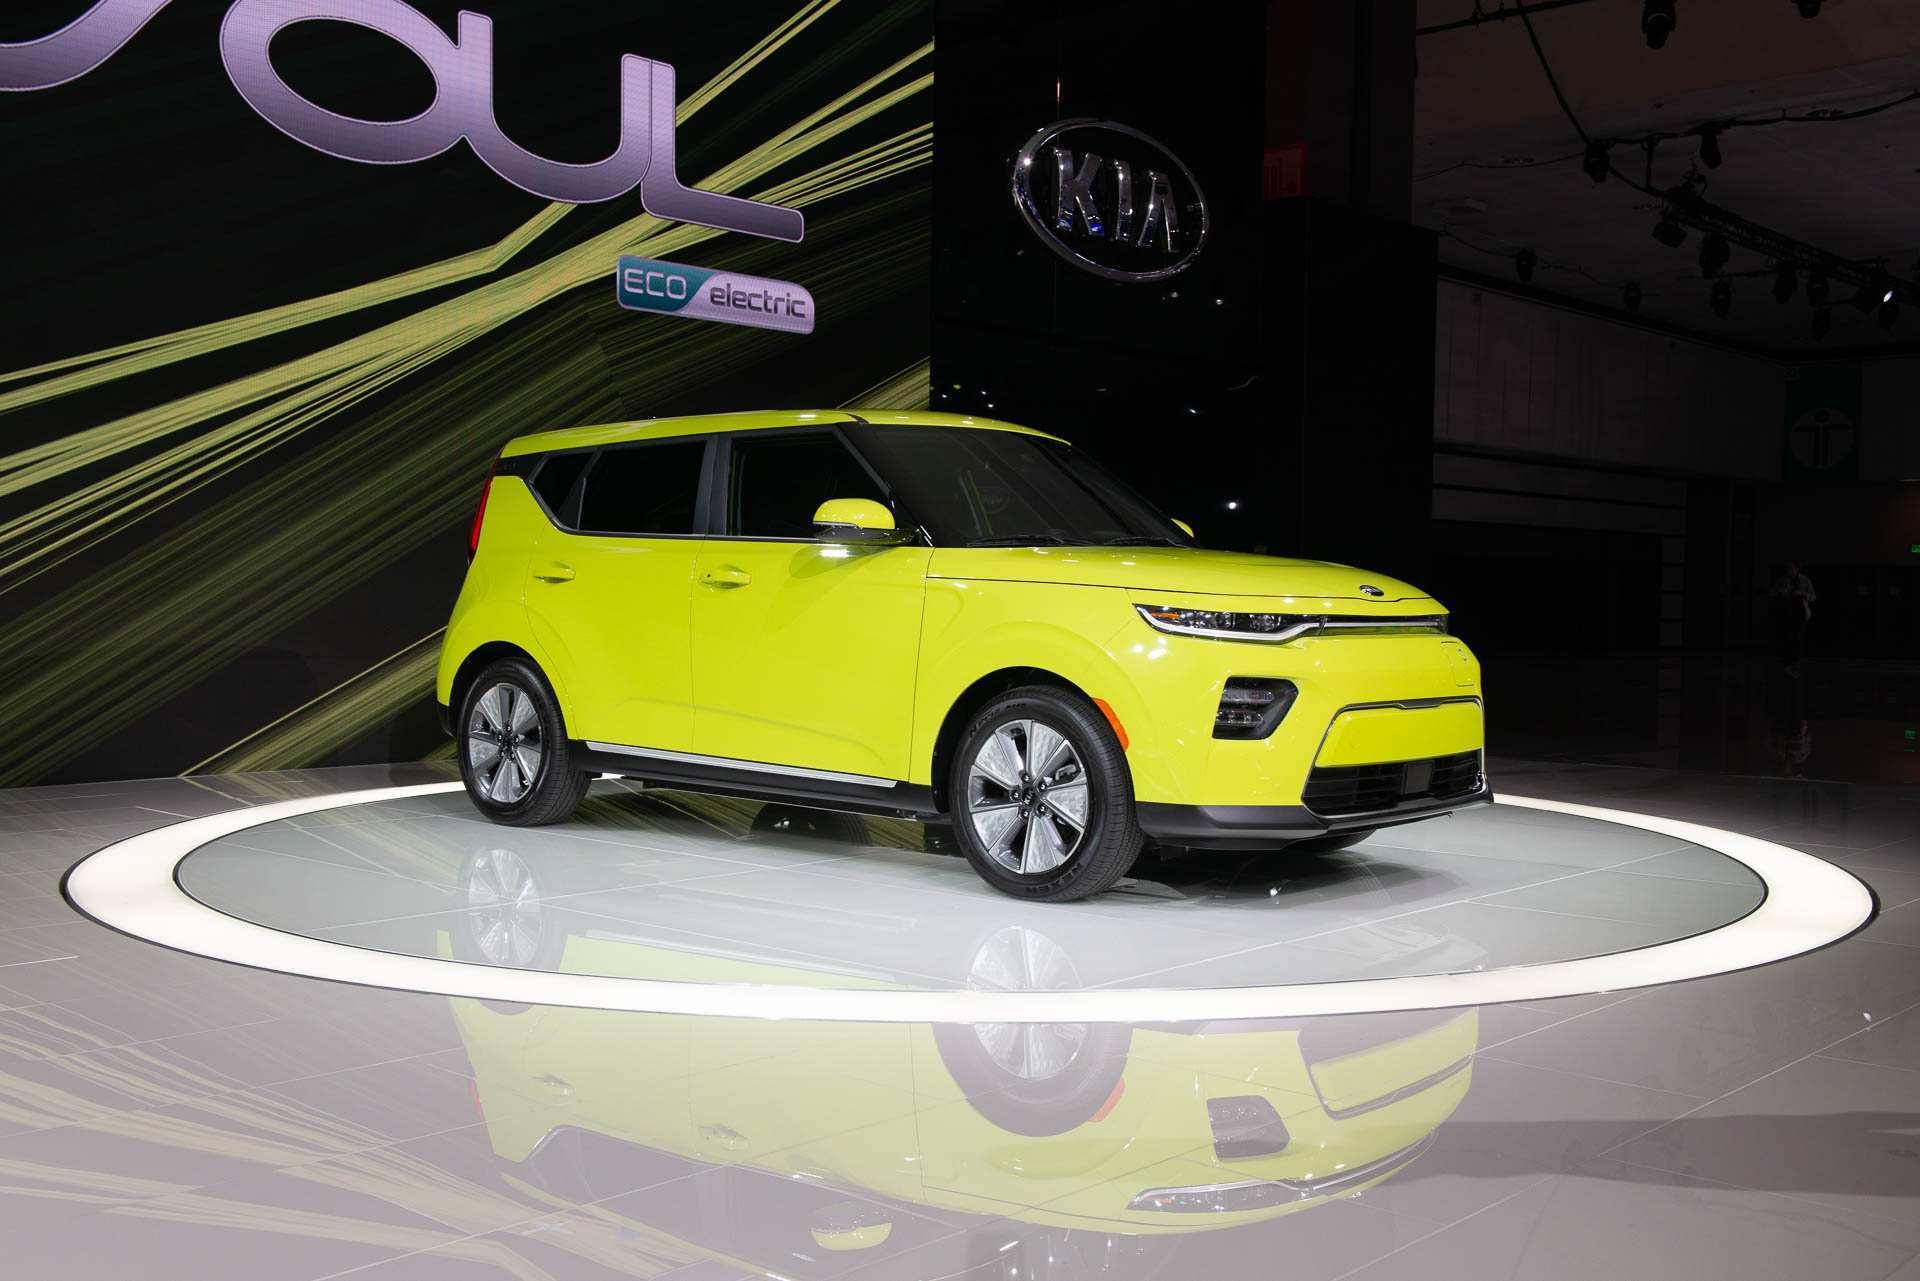 71 New Kia Electric 2020 Performance by Kia Electric 2020